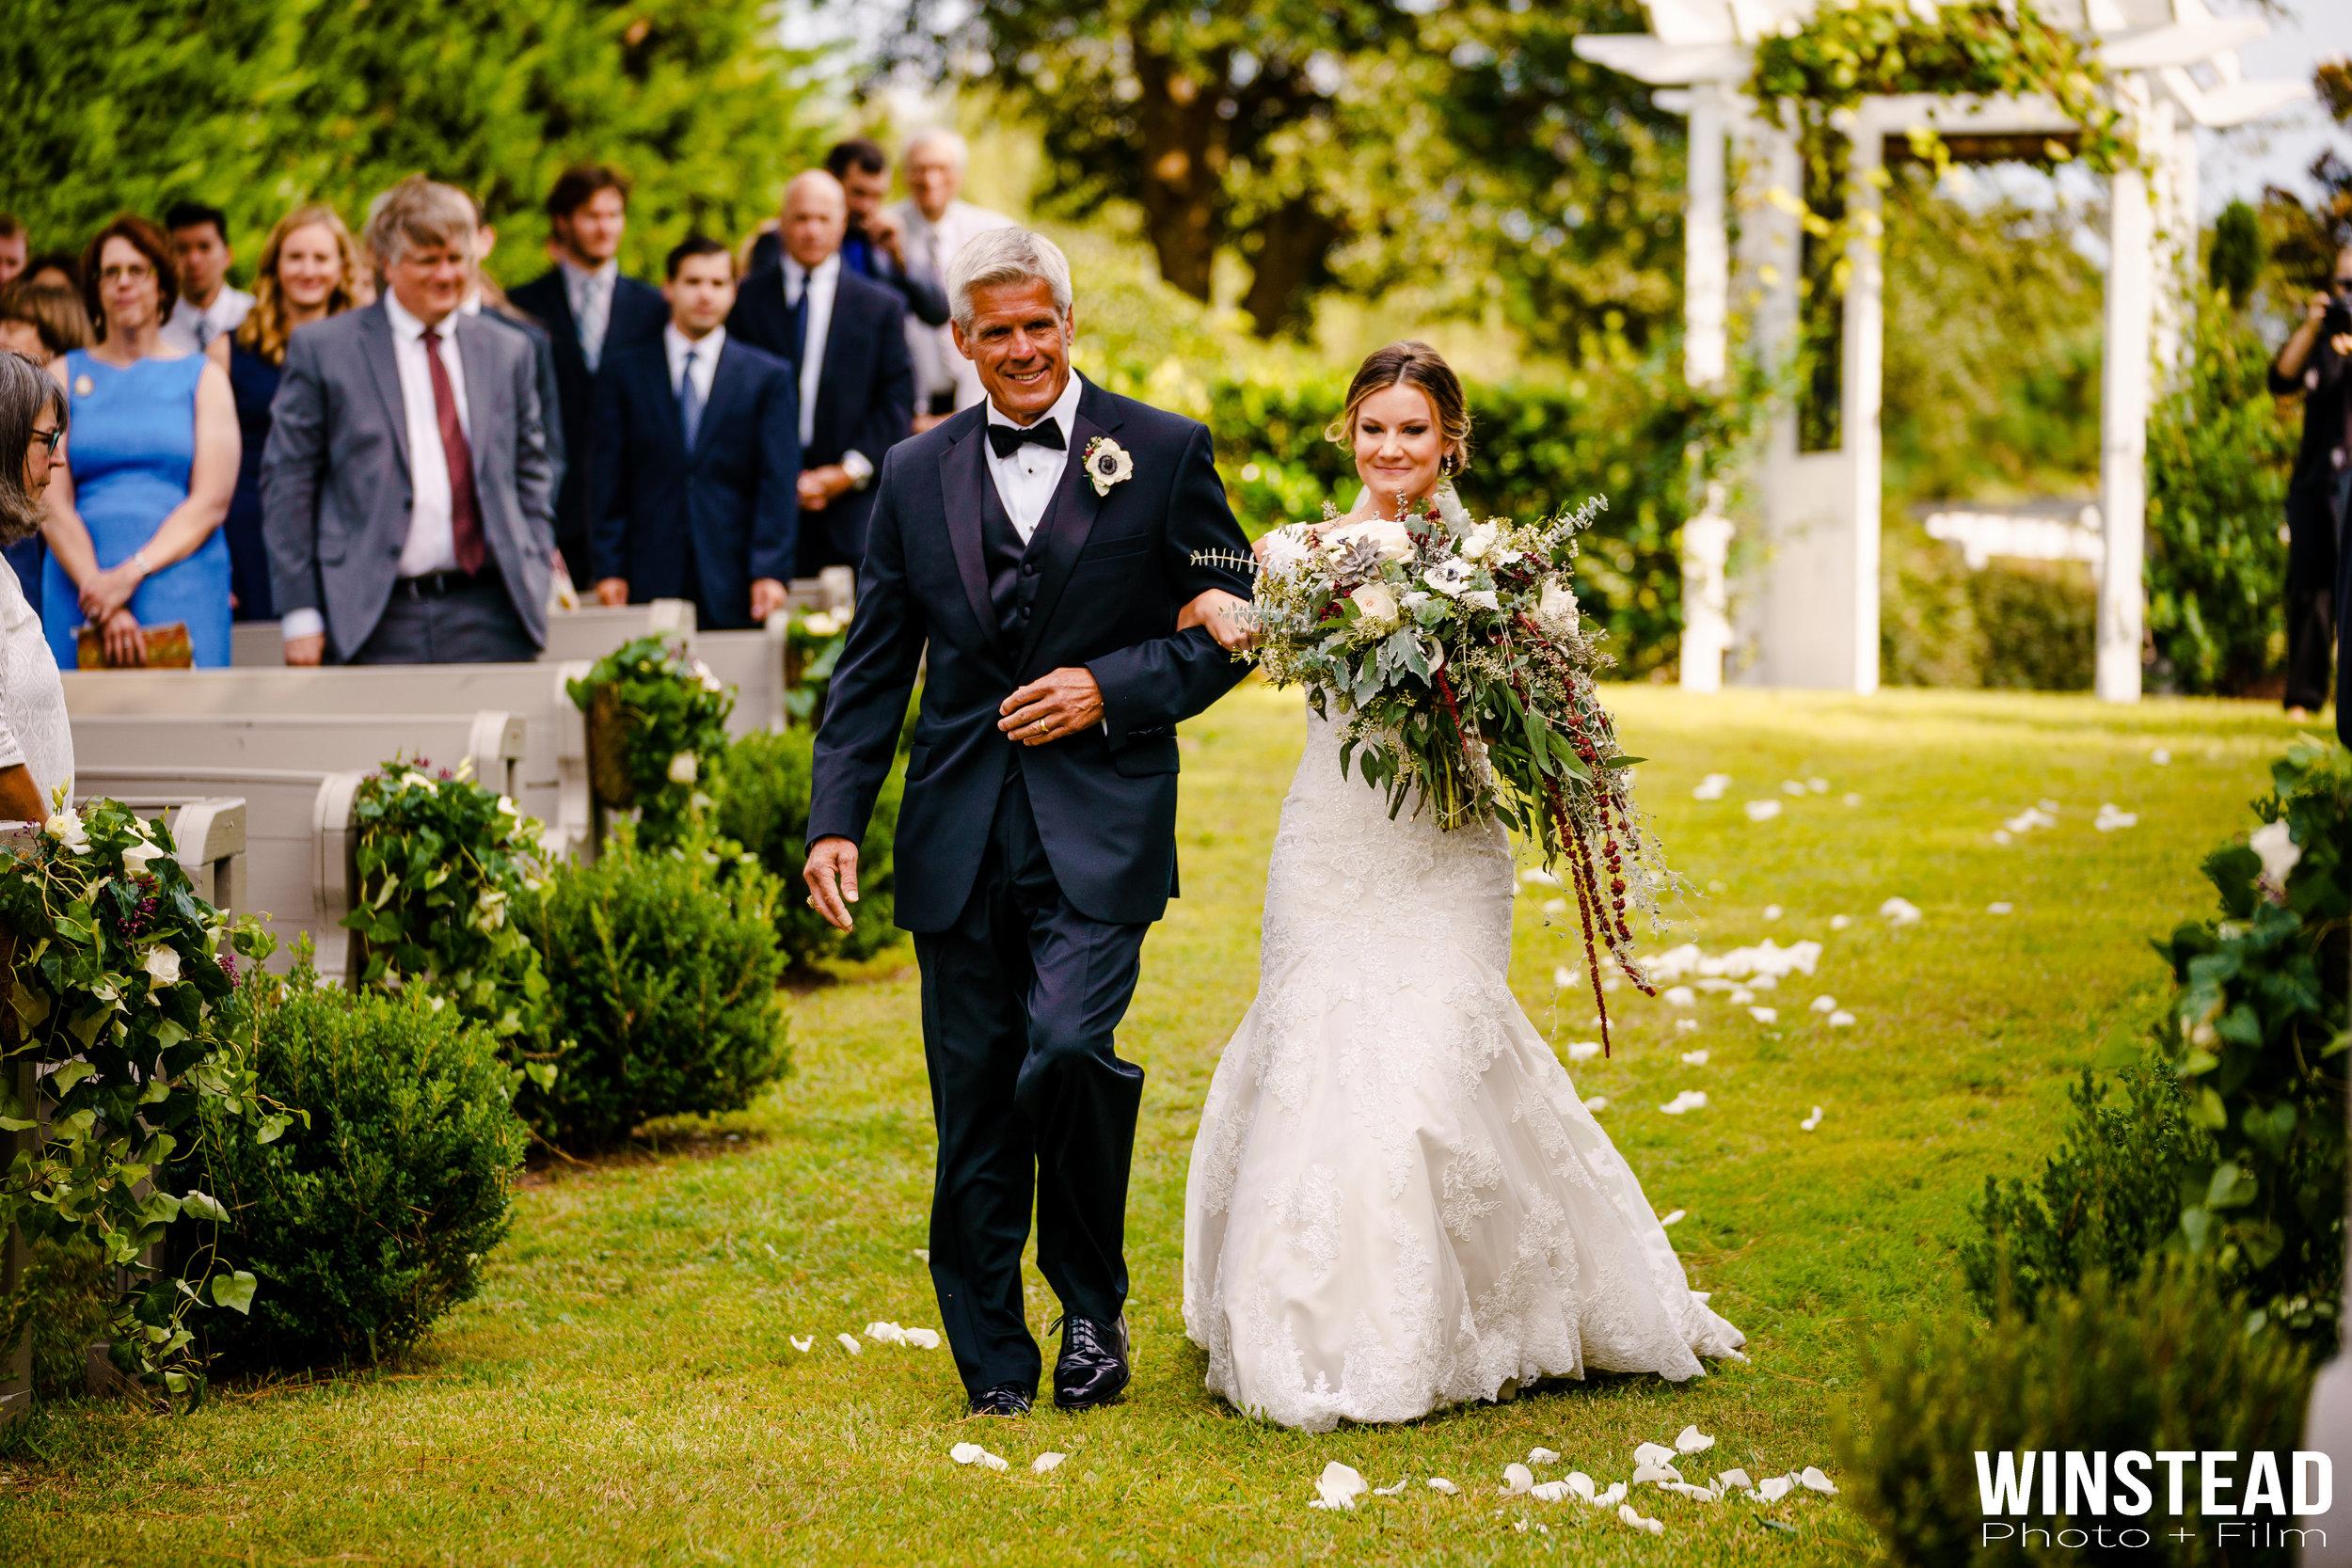 watson-house-emerald-isle-nc-wedding-020.jpg